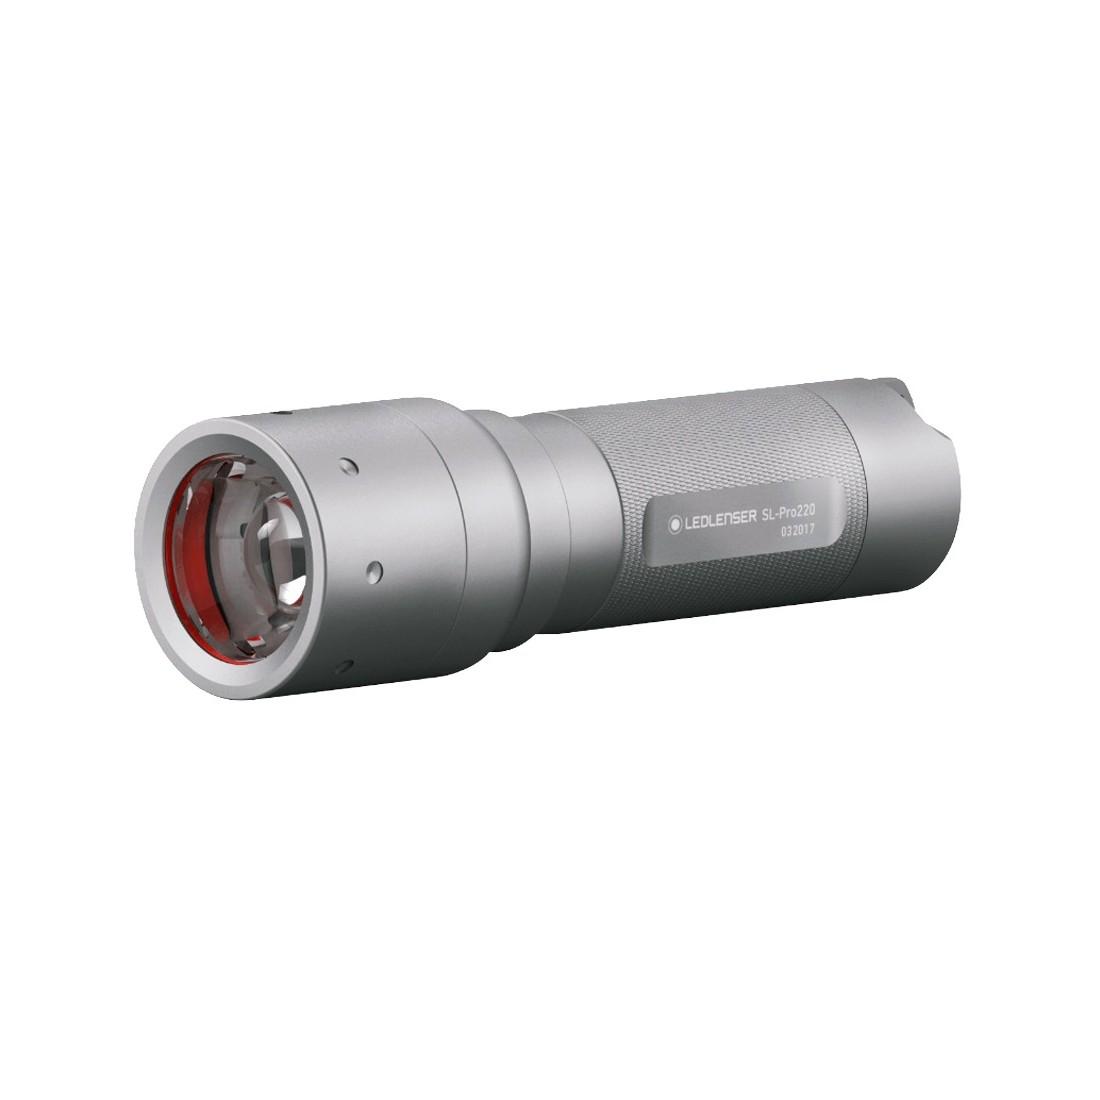 linterna led lenser slpro 220 501067 l menes 220. Black Bedroom Furniture Sets. Home Design Ideas